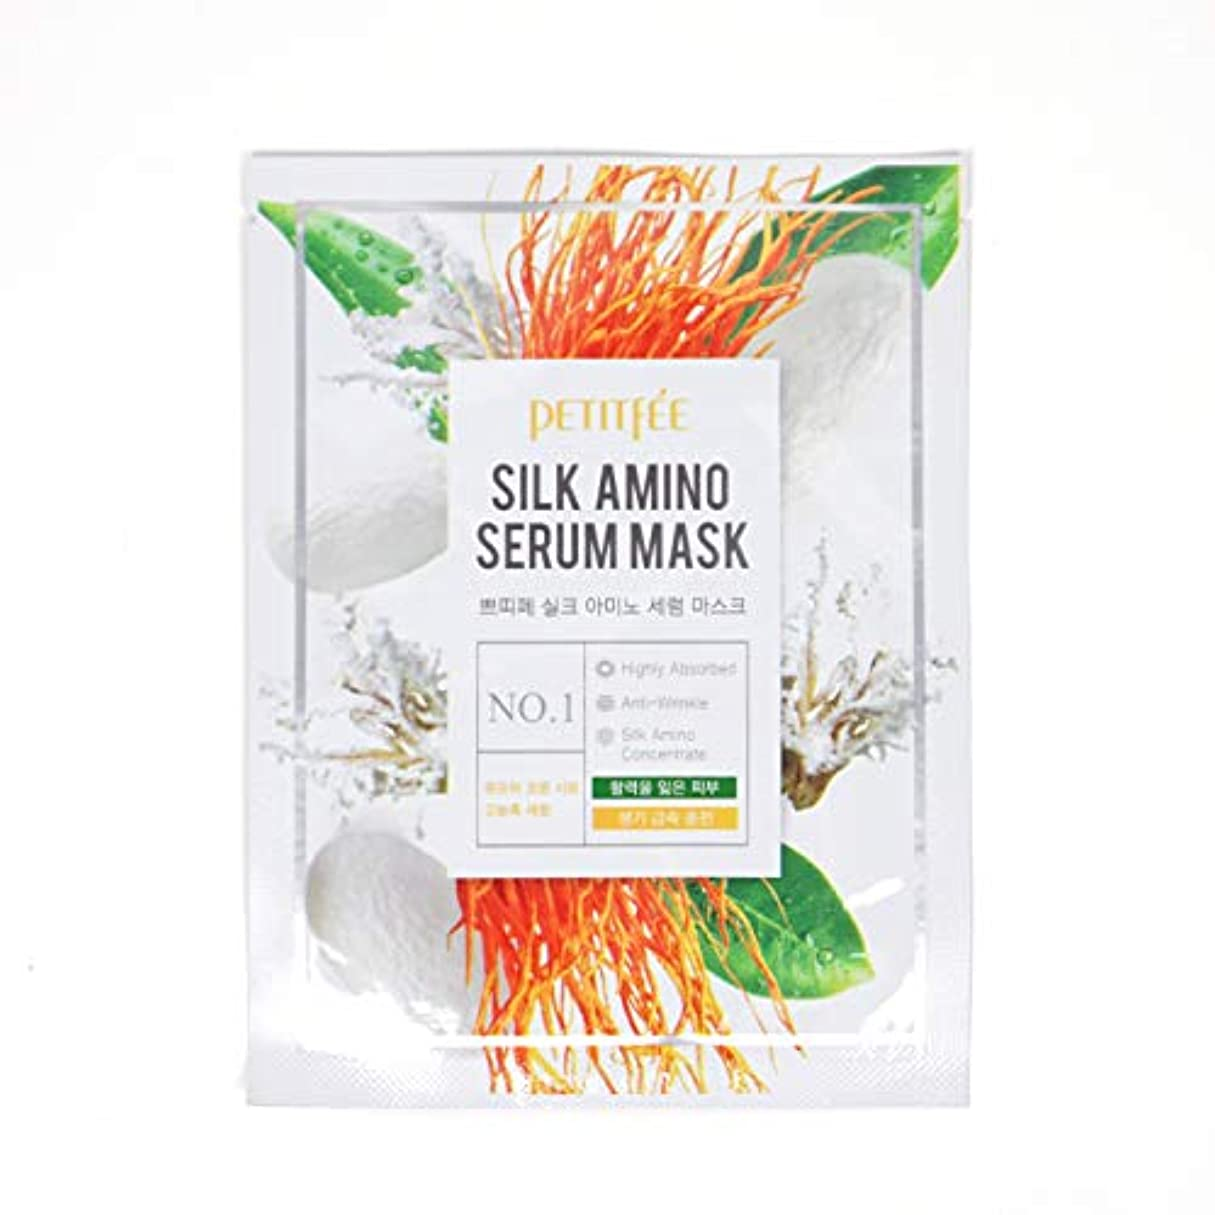 宙返り逮捕ビスケットPETITFEE (プチペ) シルクアミノセラムマスク 25gx10P (保湿) / Silk Amino Serum Mask